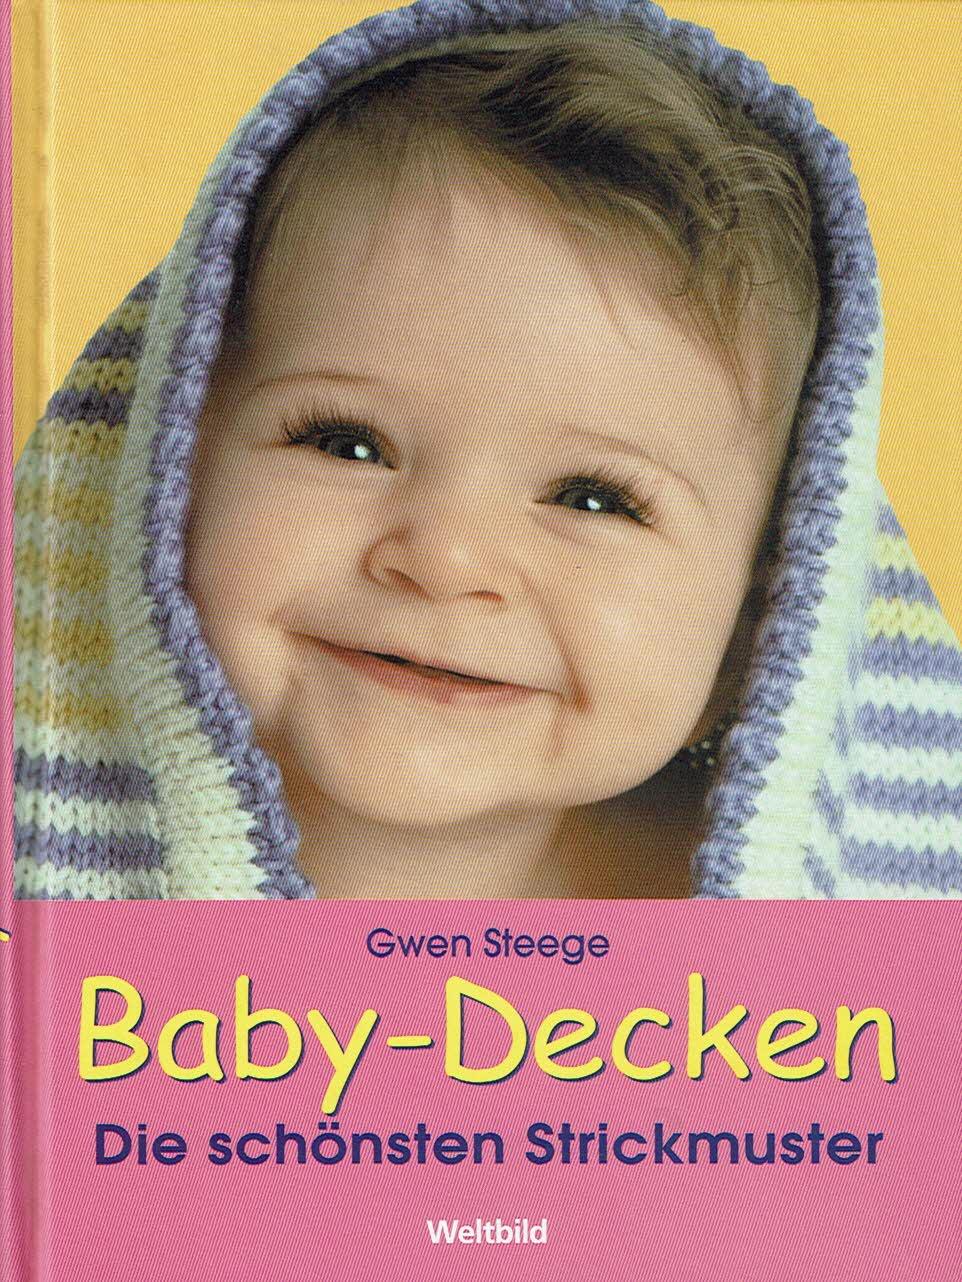 baby decken die sch nsten strickmuster gwen steege buch gebraucht kaufen a02ilyfq01zzx. Black Bedroom Furniture Sets. Home Design Ideas